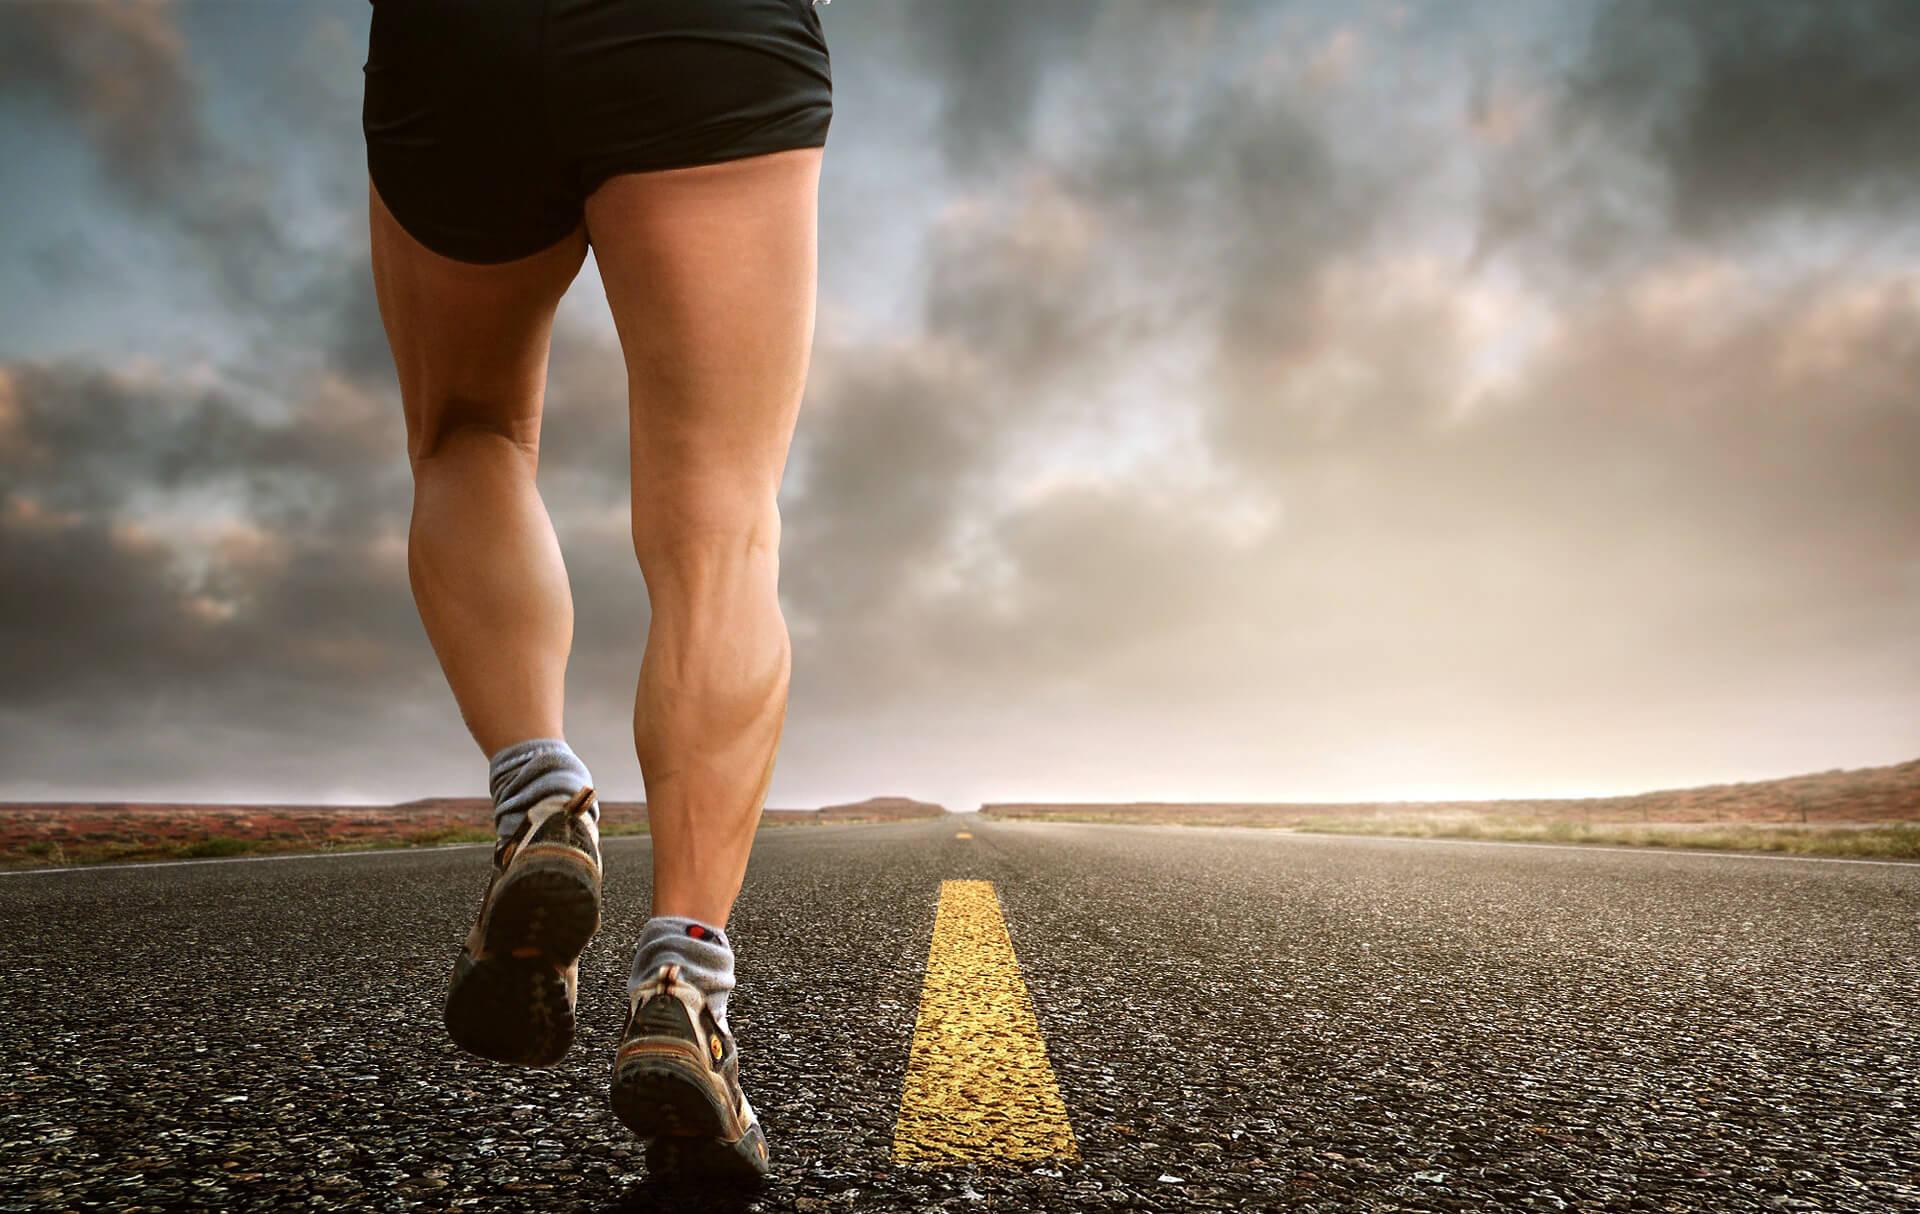 intervalový trénink běhání